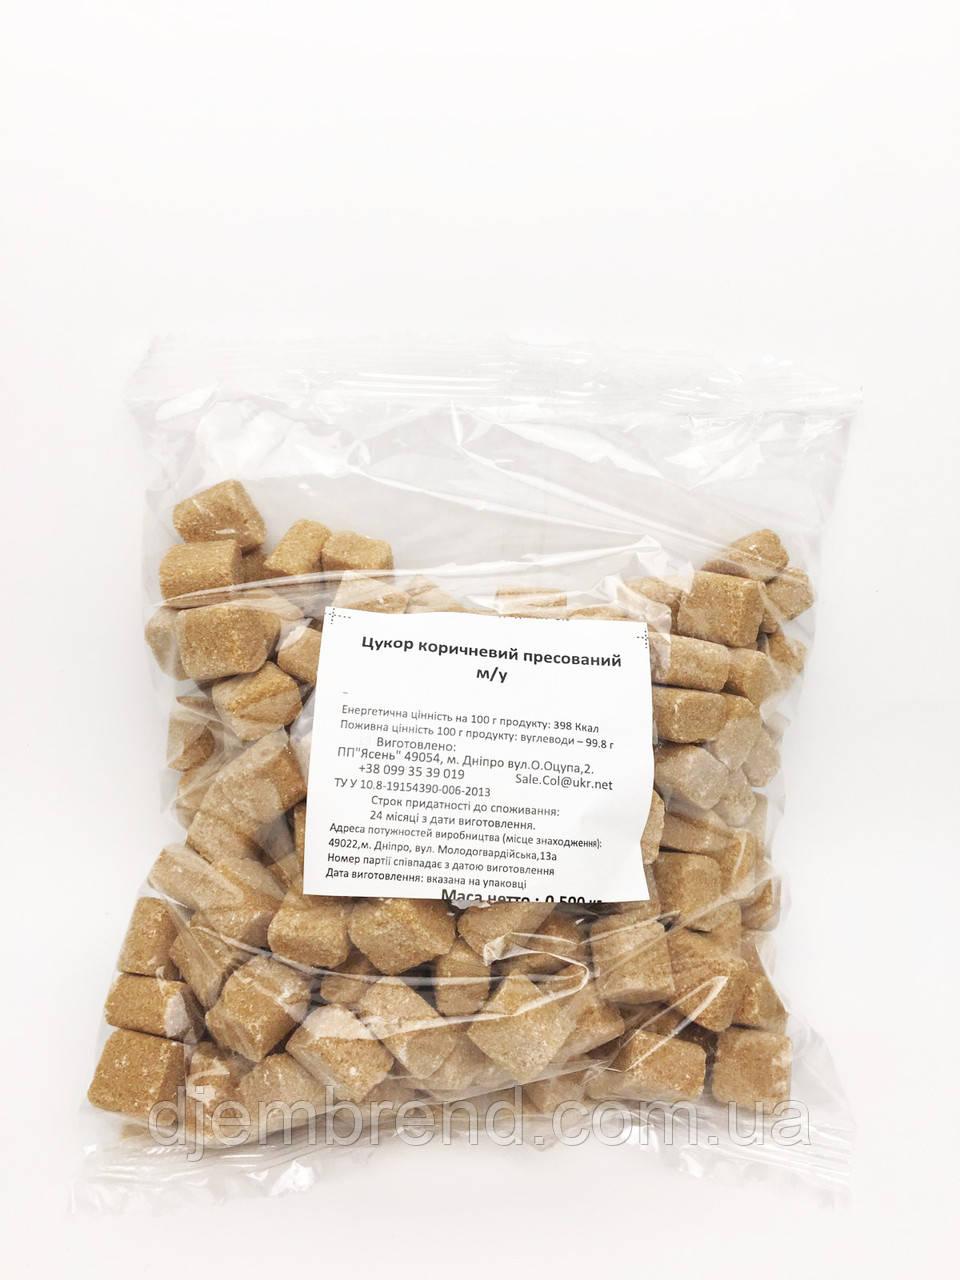 Сахар коричневый пресованый, 0,5 кг